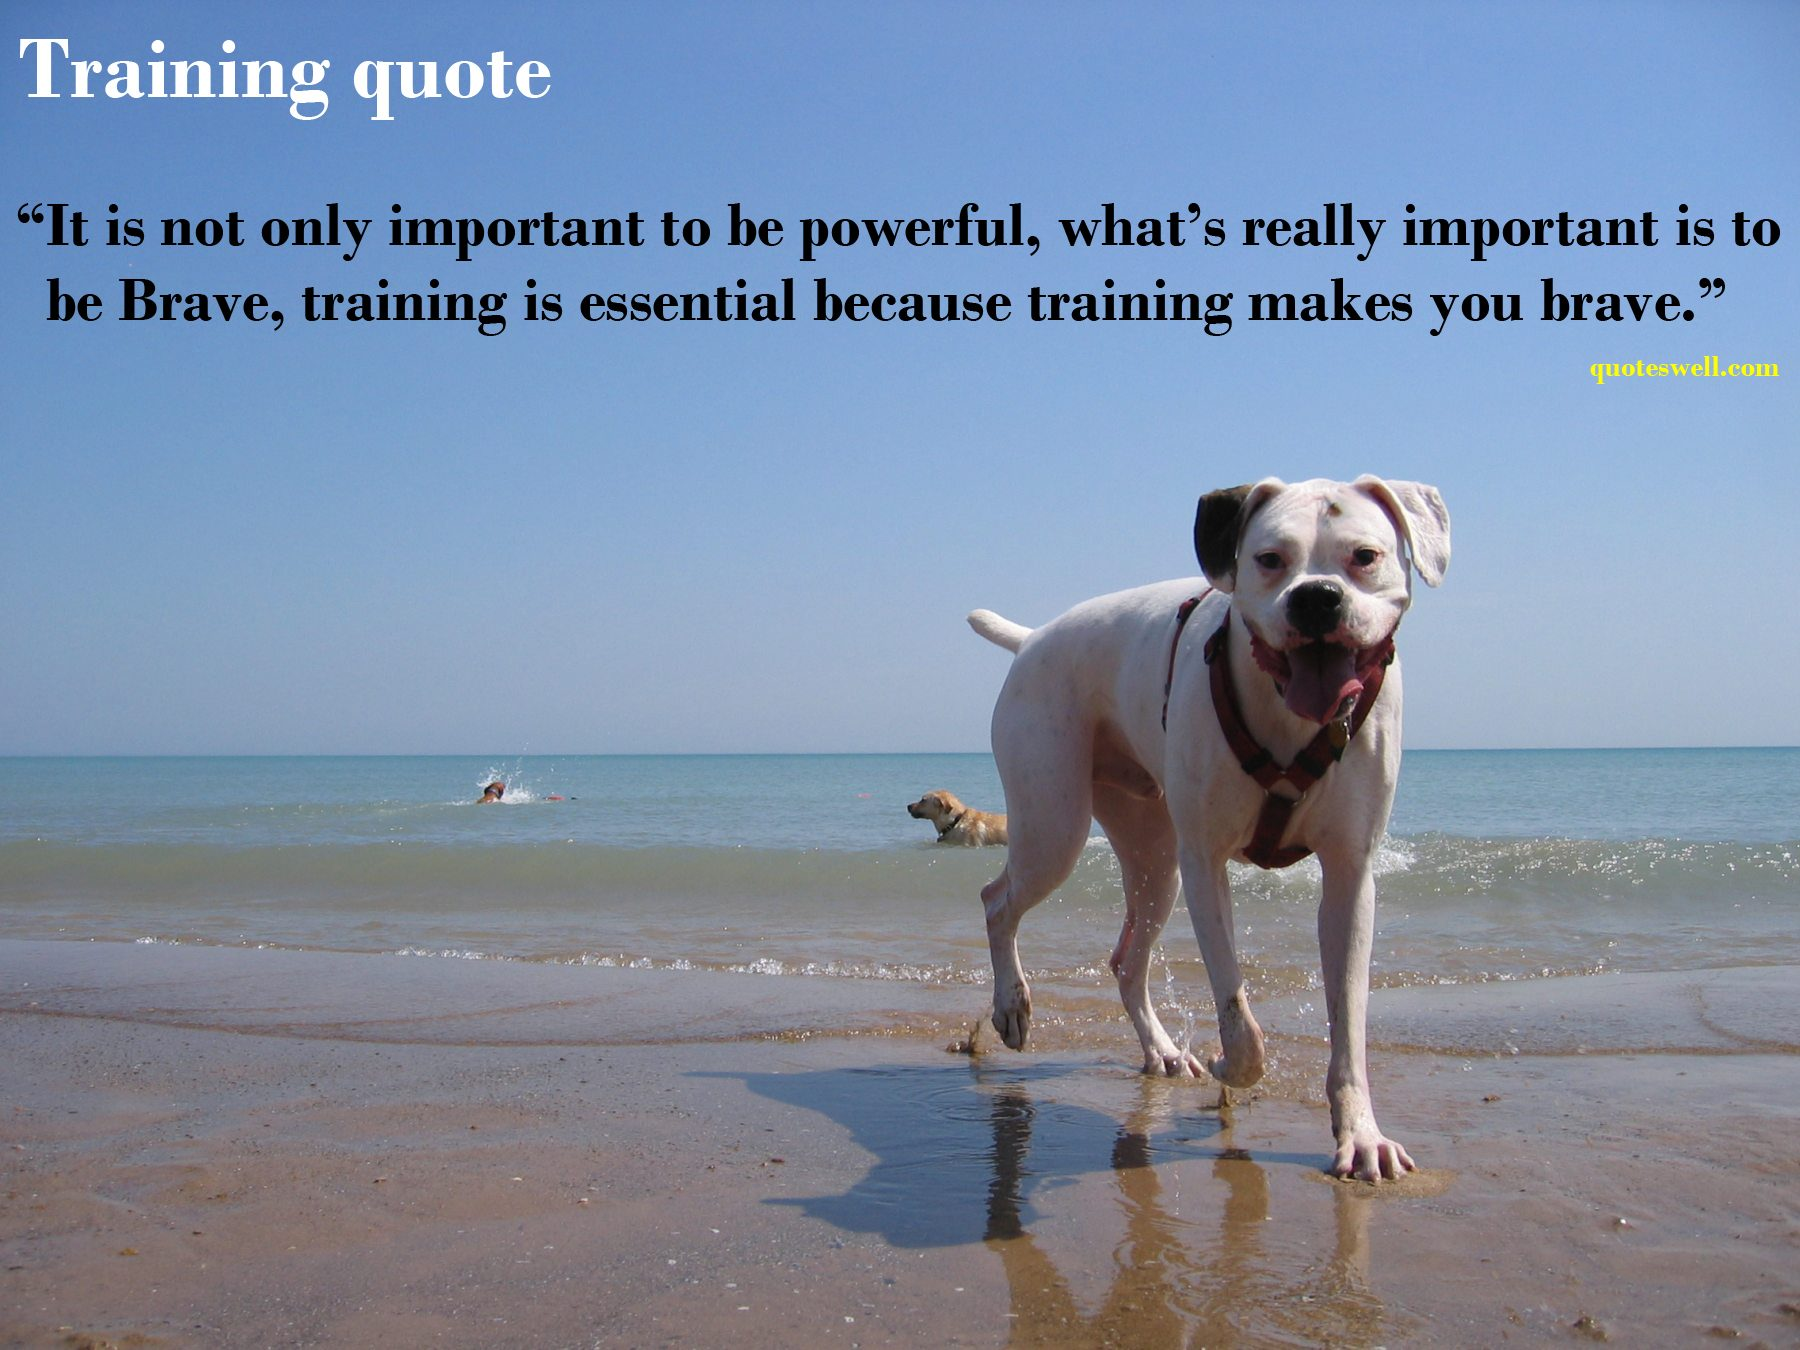 Training quote #3